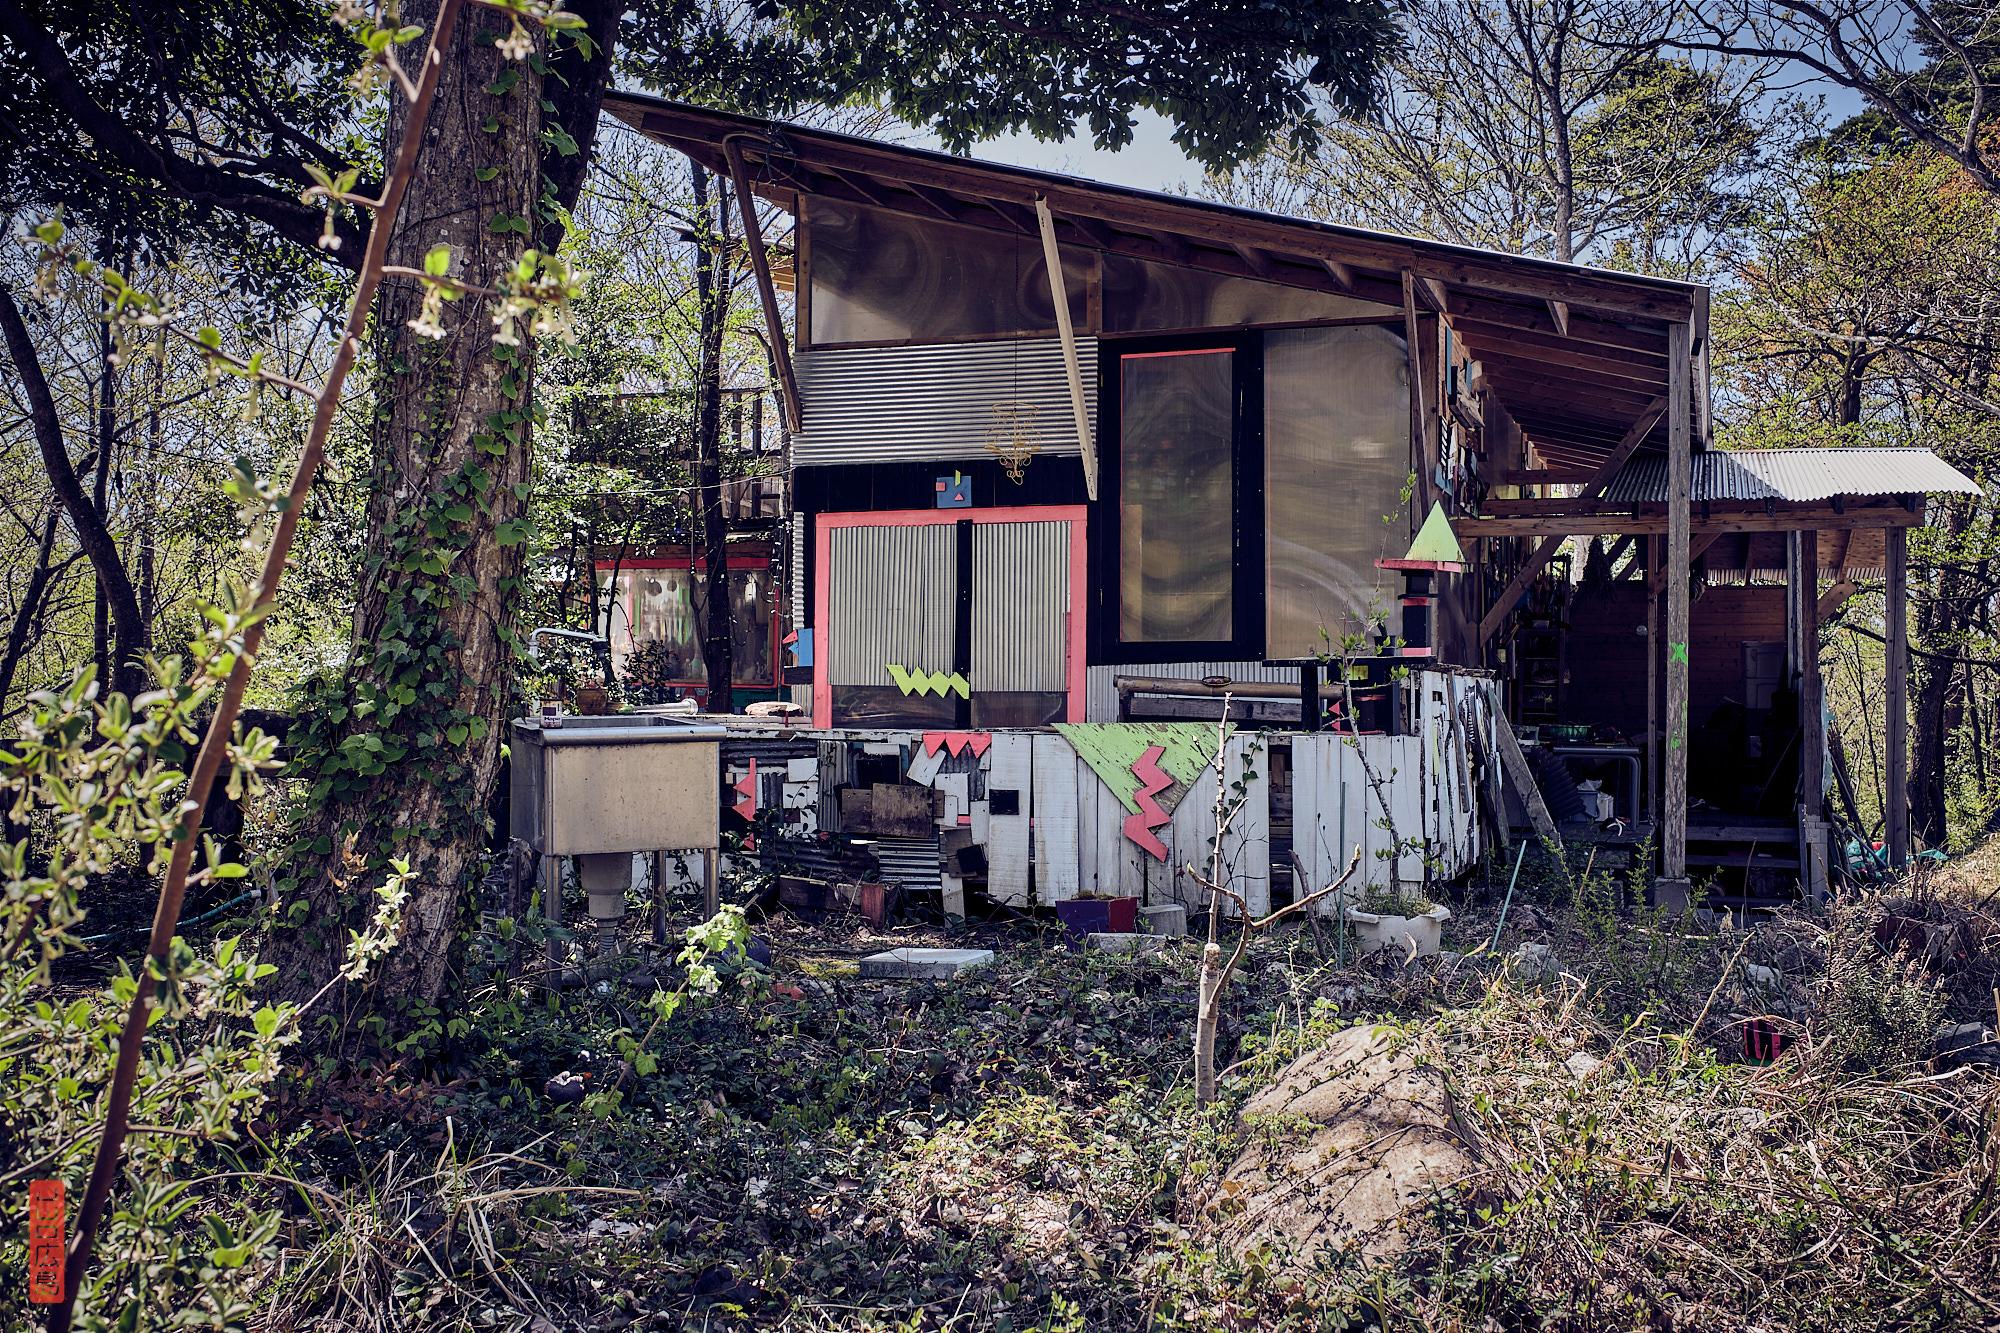 une cabane dans la forêt au Japon